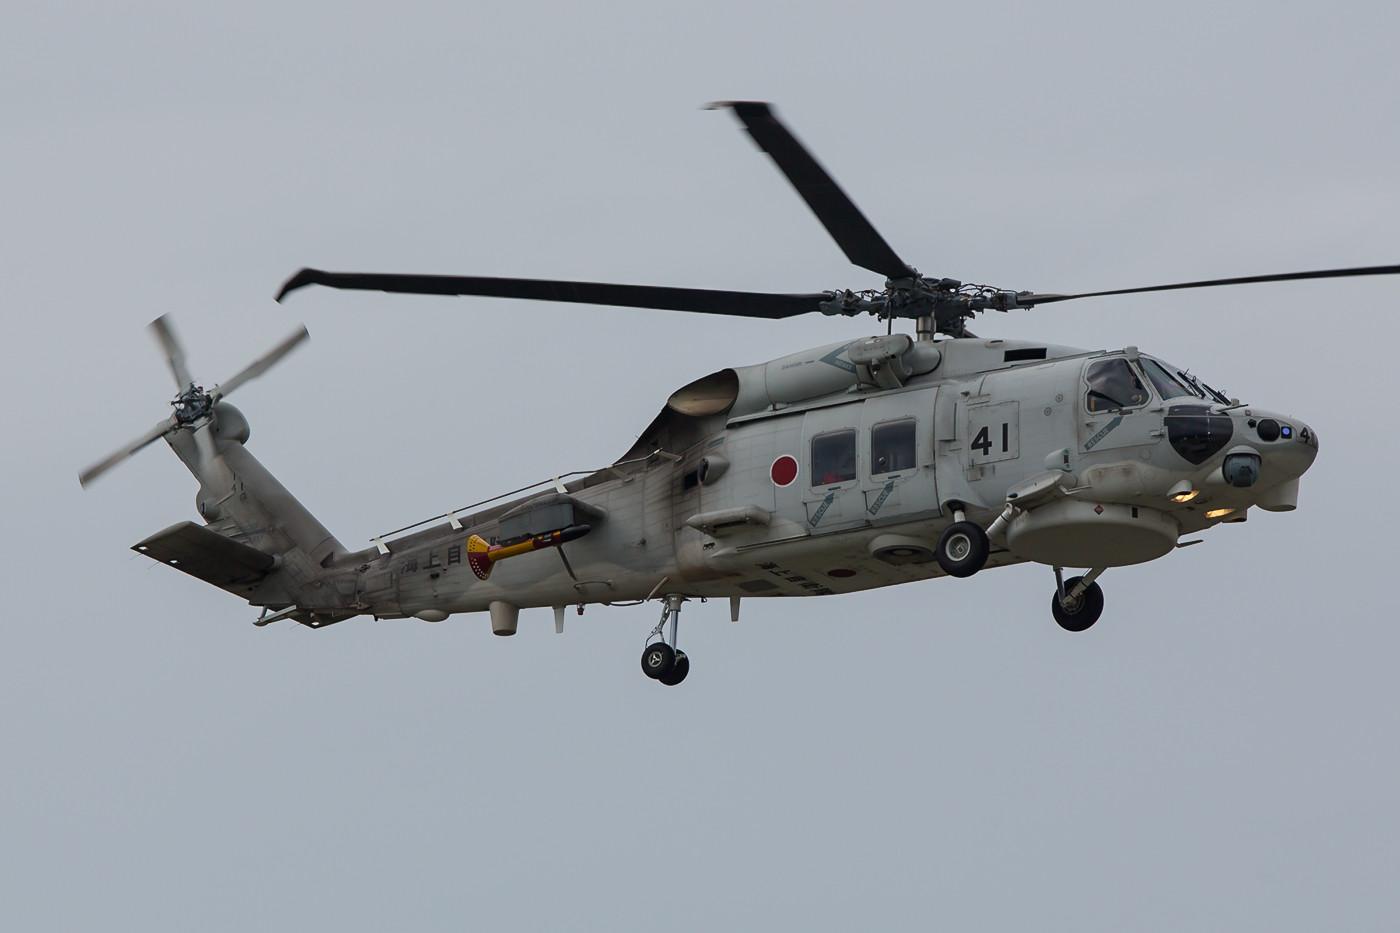 Neben mnehreren Orion´s flogen auch einige SH-60K der JMSDF.